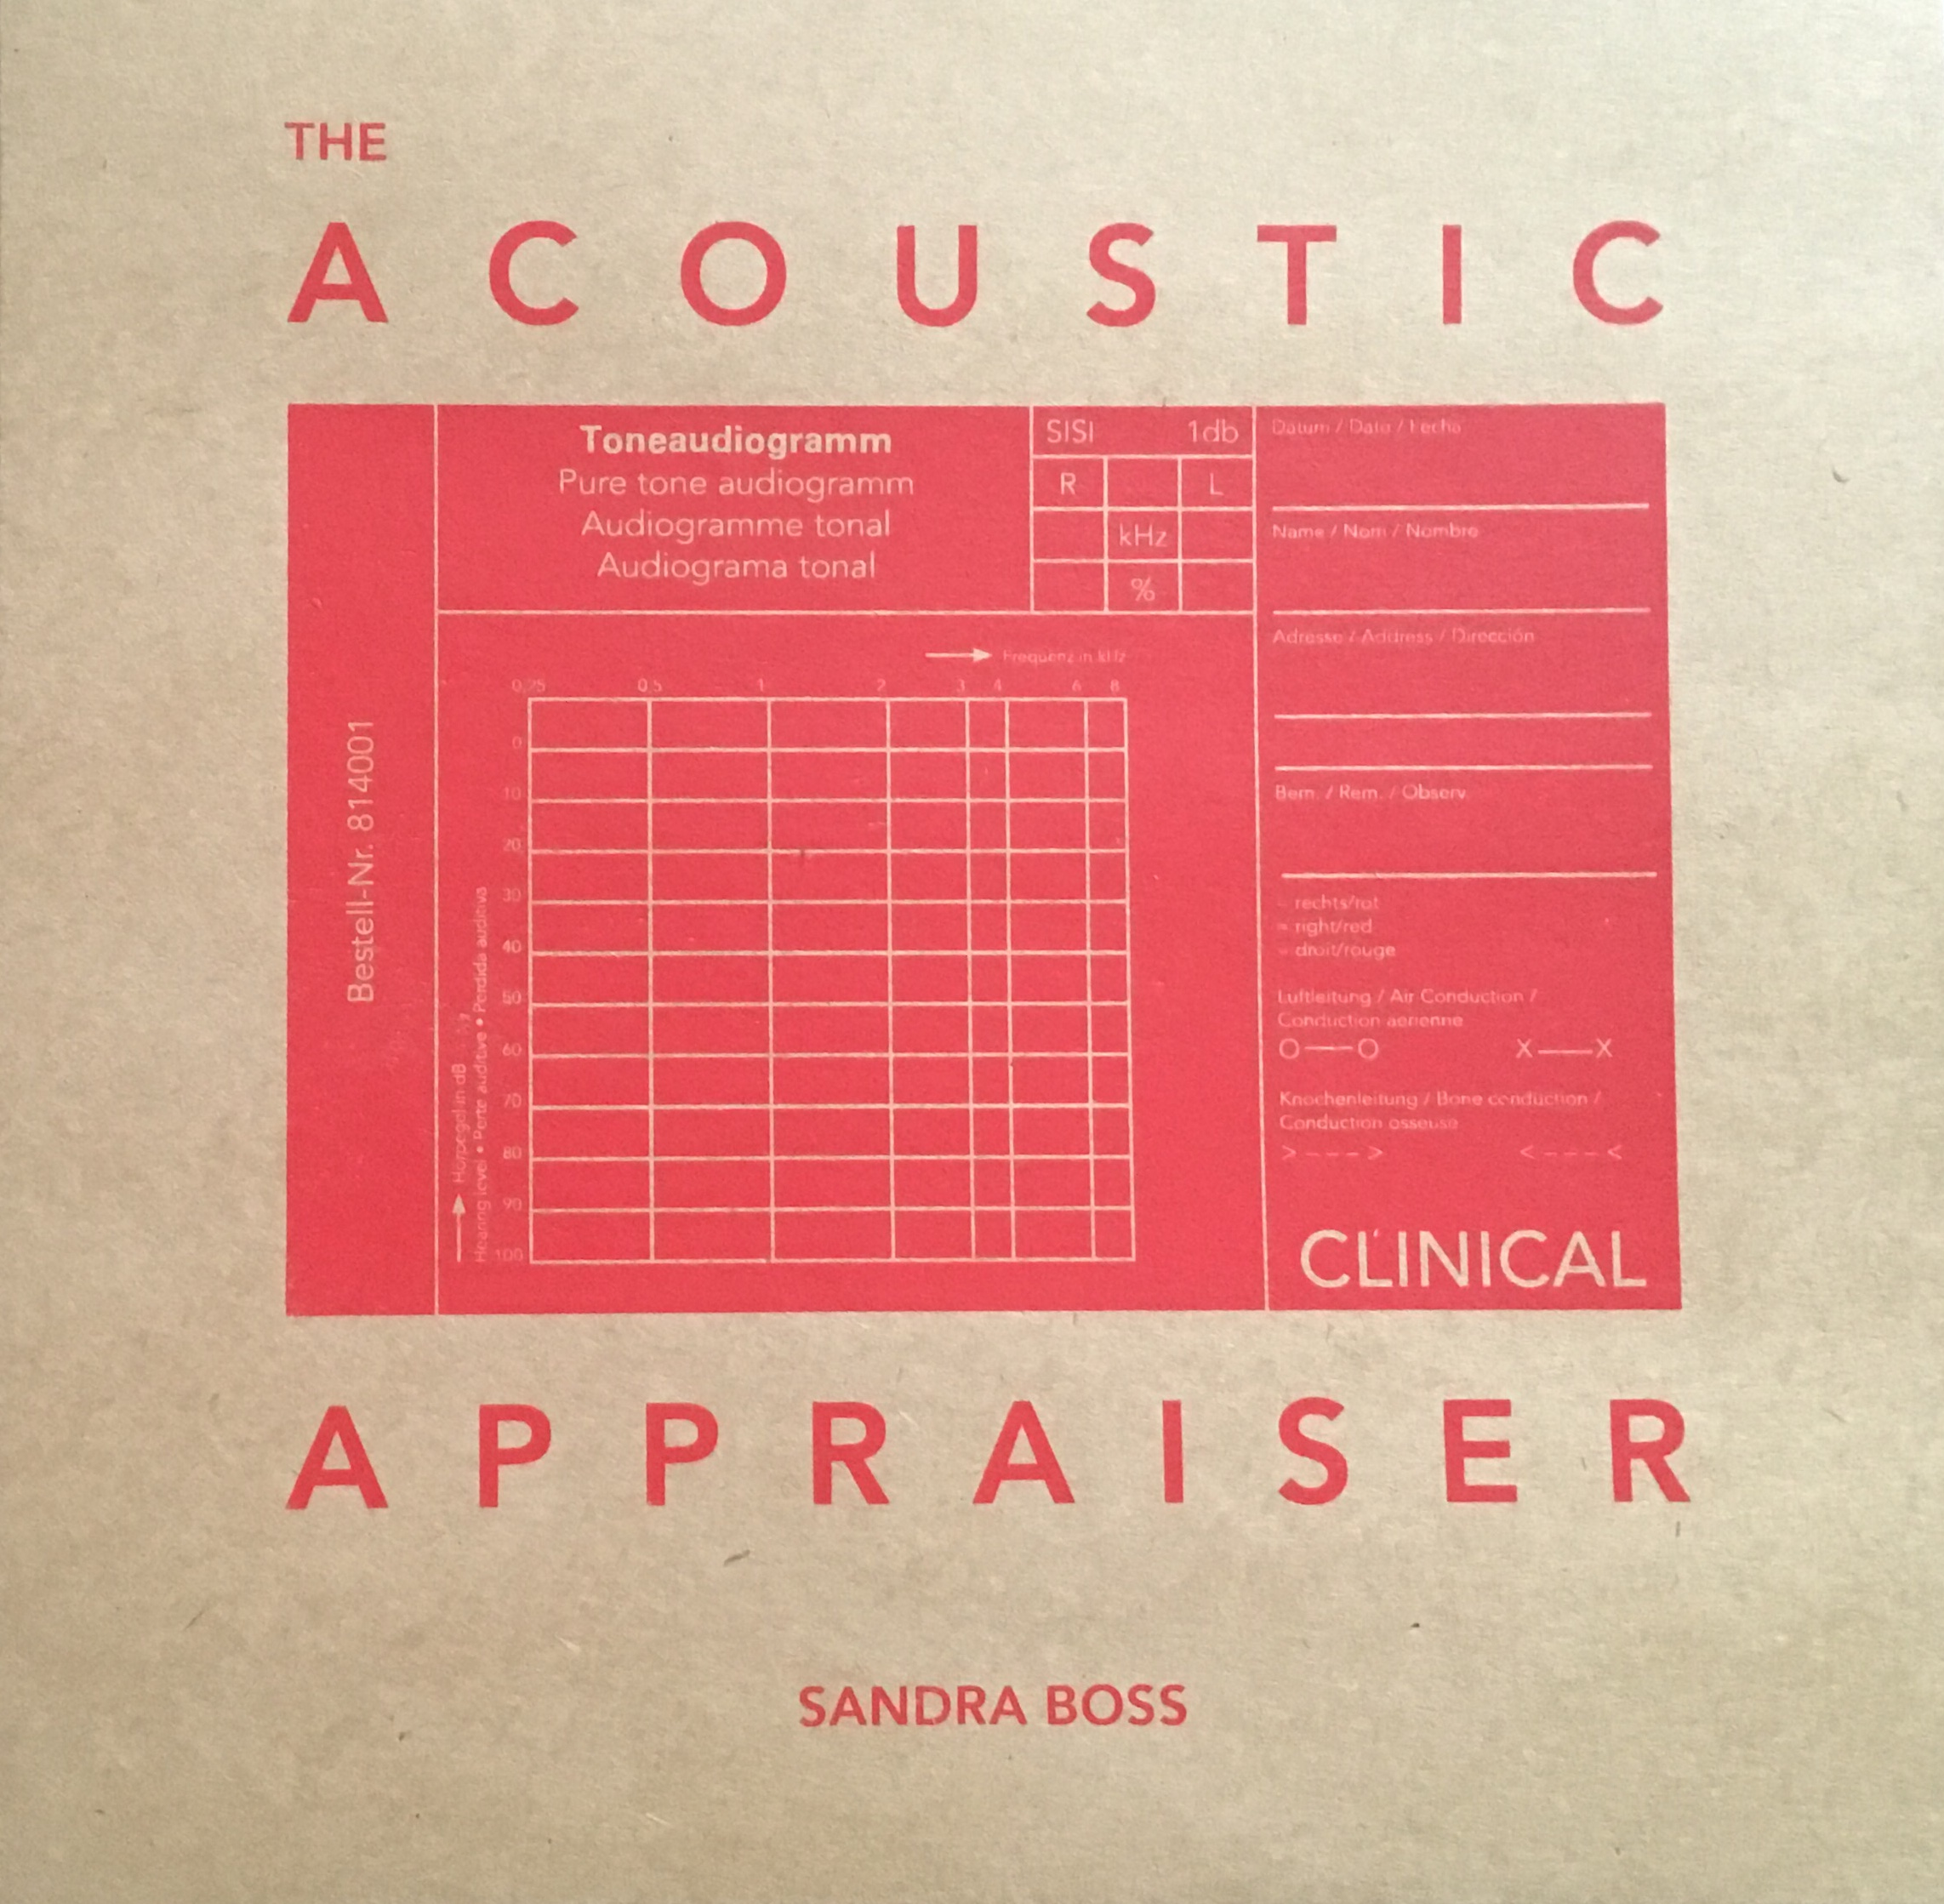 The Acoustic Appraiser